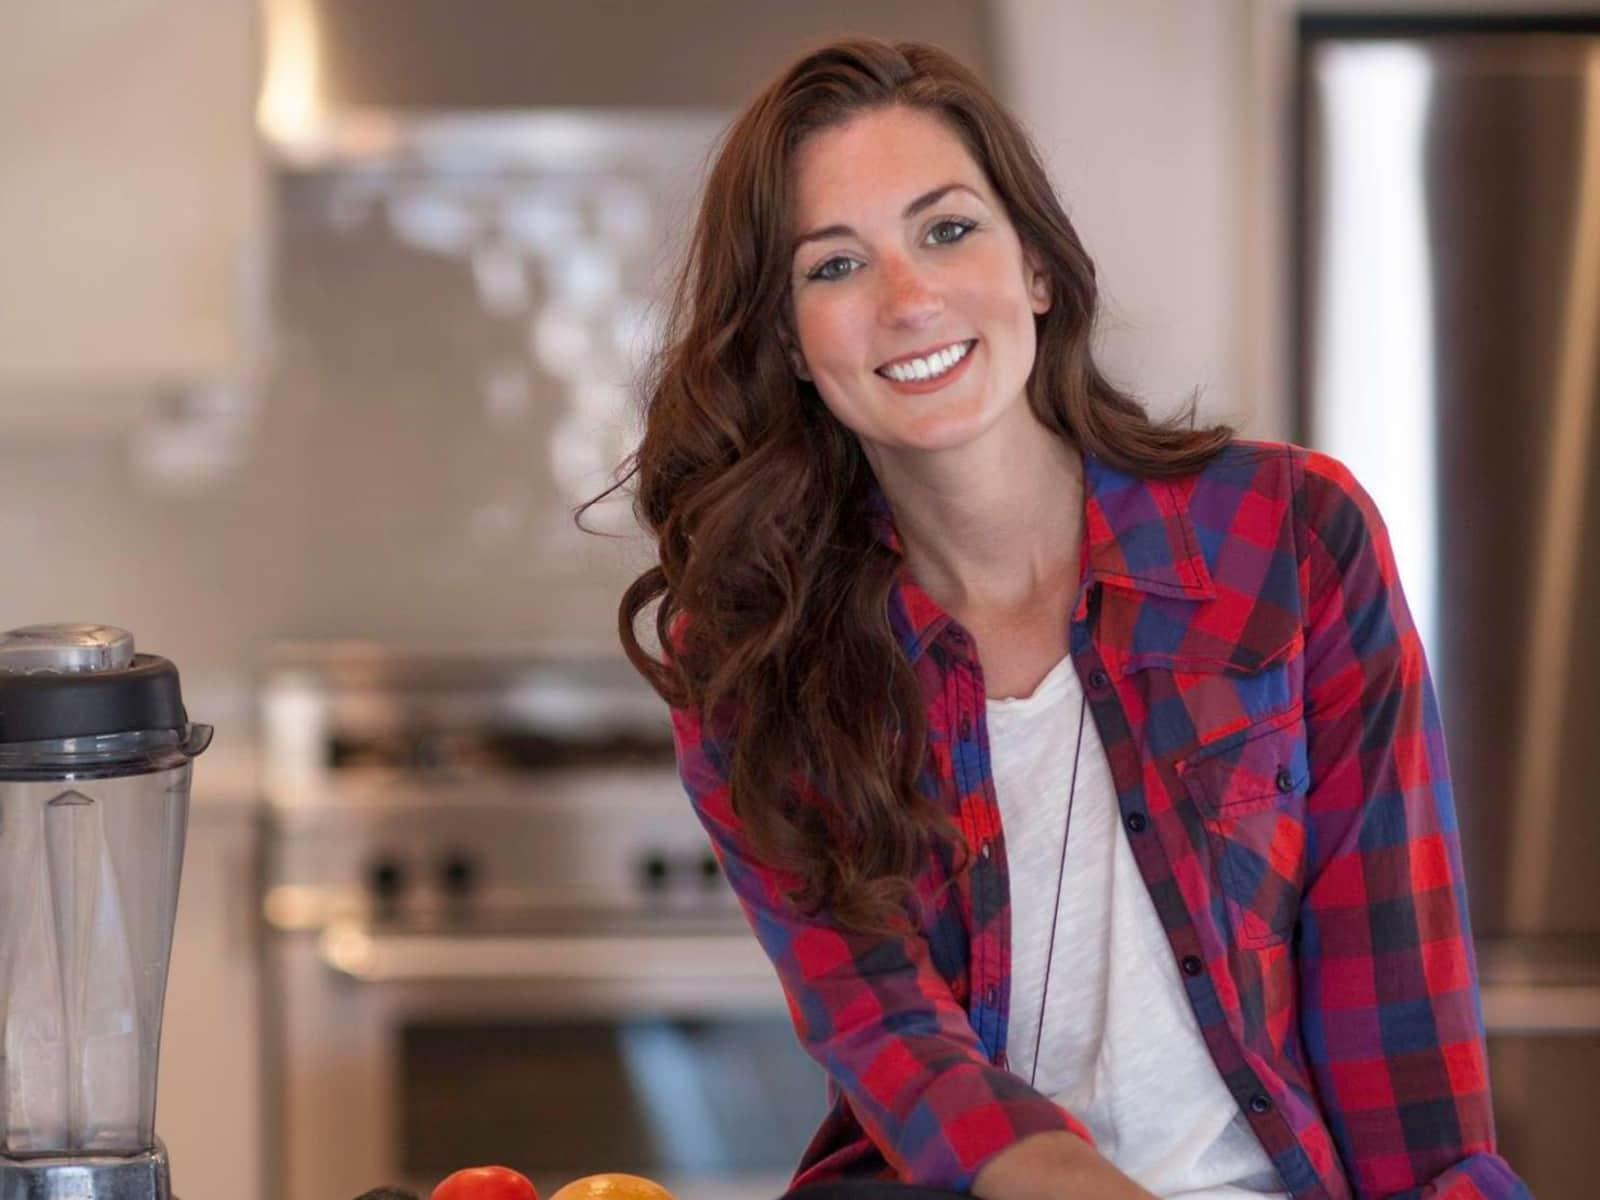 Robyn from Ottawa, Ontario, Canada